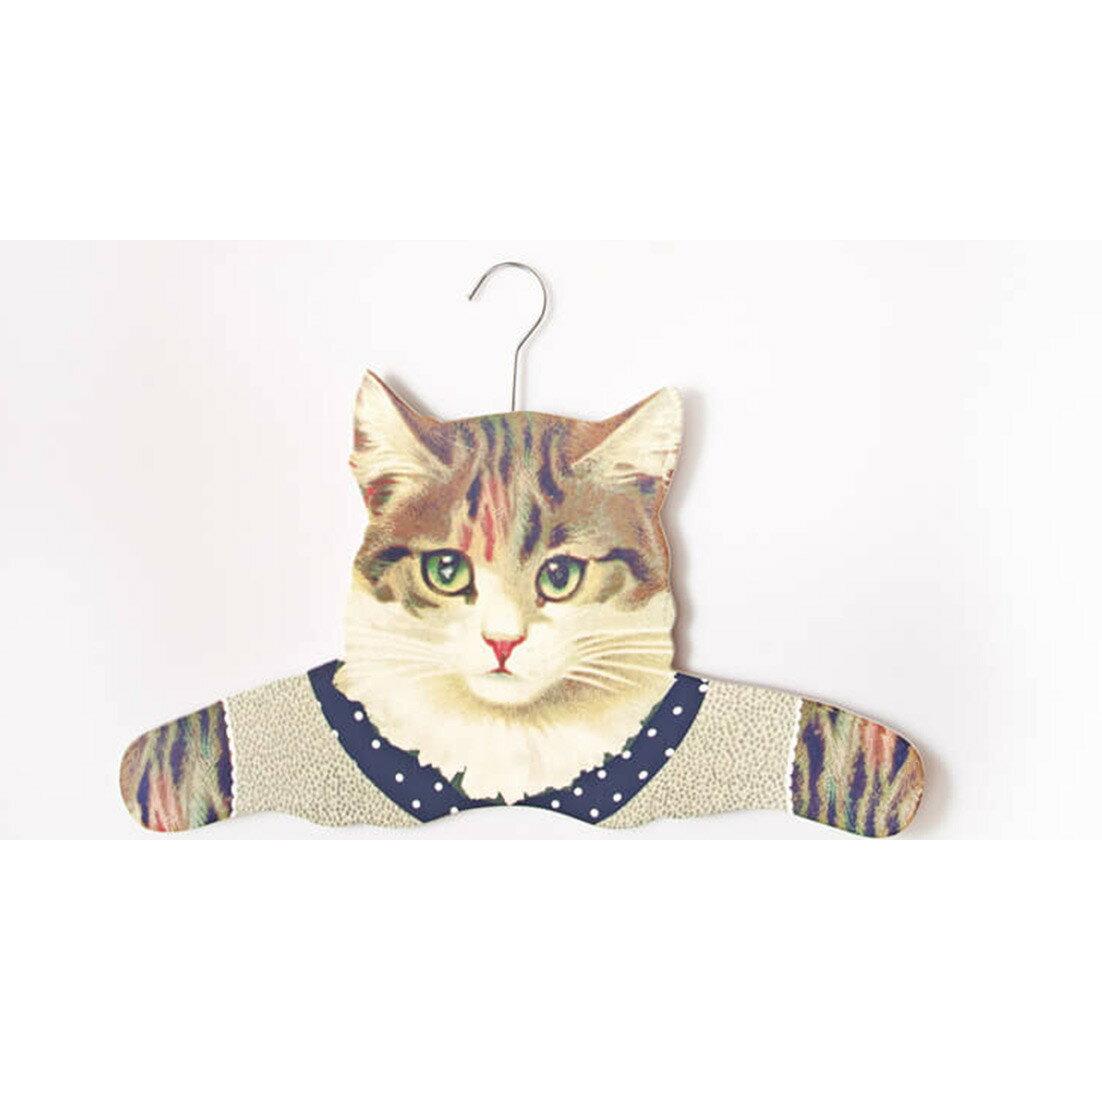 ドレスアップコートハンガー ねこSass&Belle キャットハンガー・猫雑貨